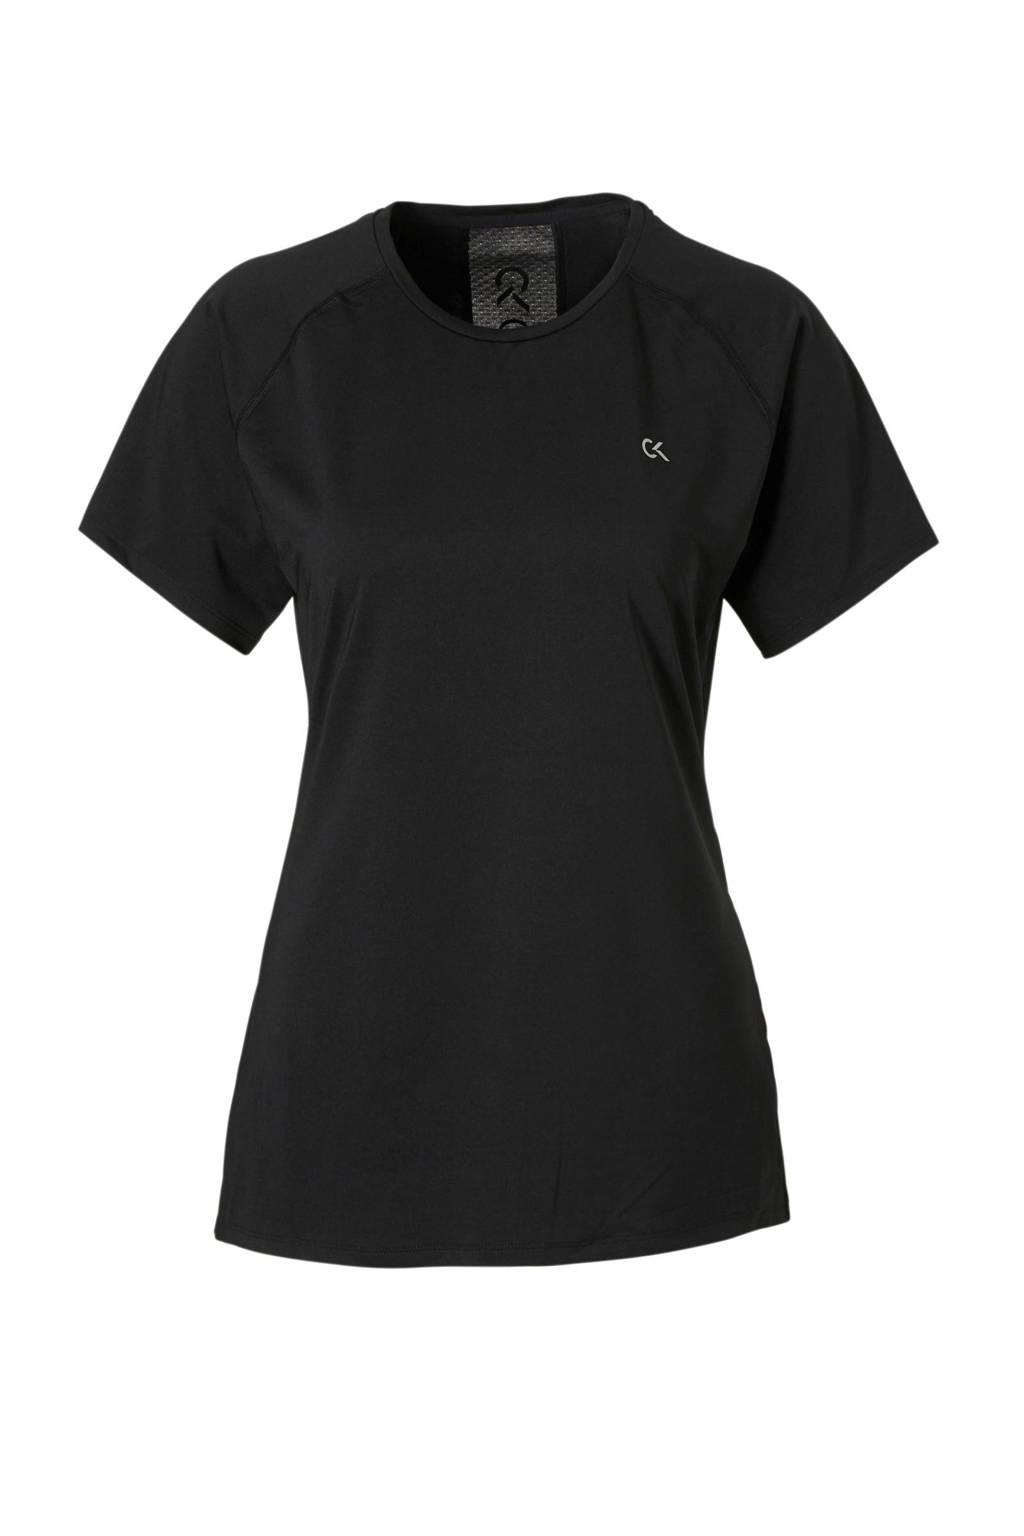 Calvin Klein Performance T-shirt zwart, Zwart